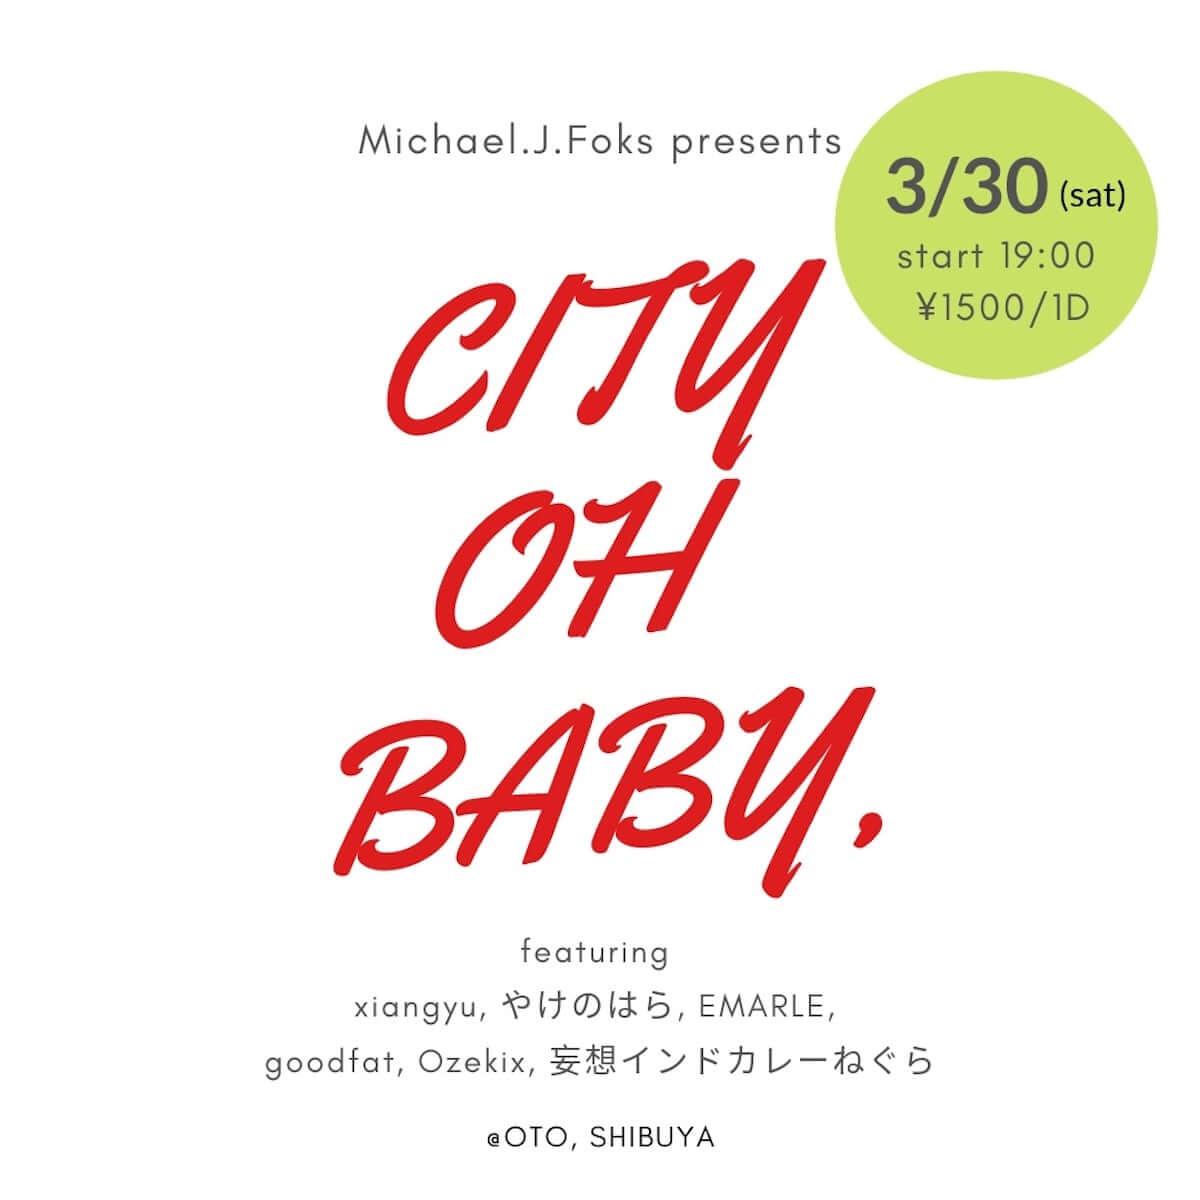 マイケルJフォクス主催コンセプトイベントが開催 xiangyu、やけのはら、EMARLE、rice water Grooveらが登場 music190329-michael-j-foks-2-1200x1200